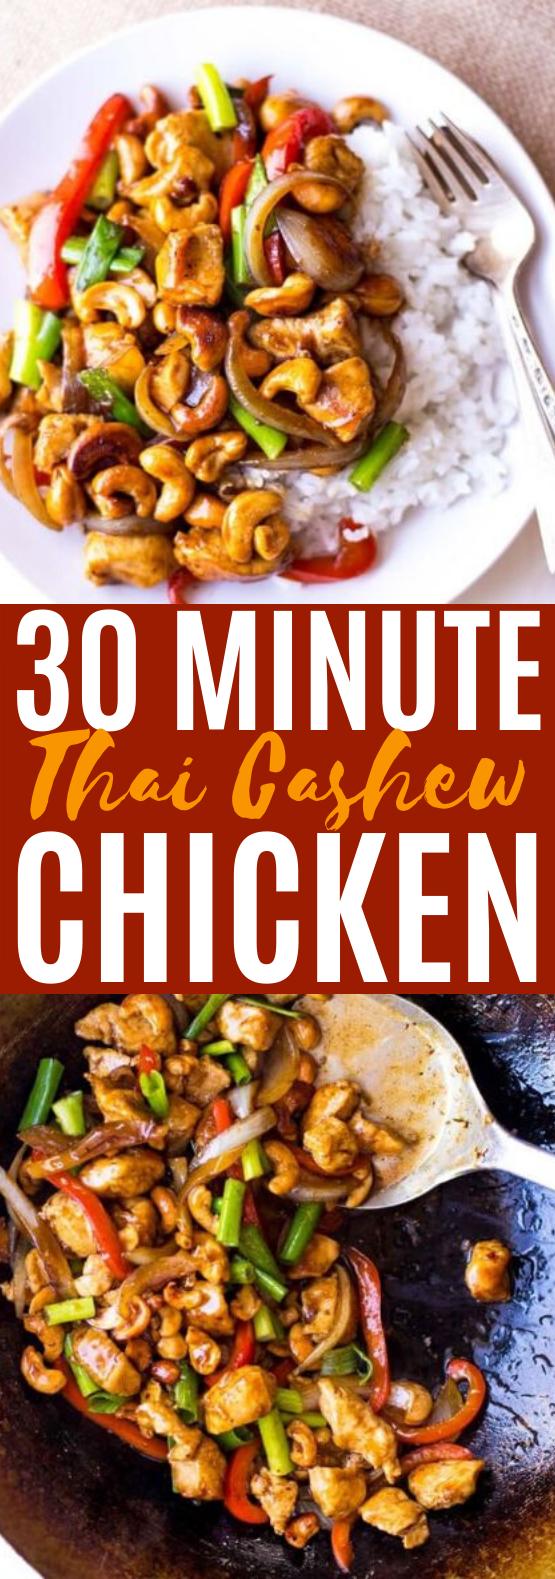 Thai Cashew Chicken #dinner #chicken #stirfry #easy #healthy